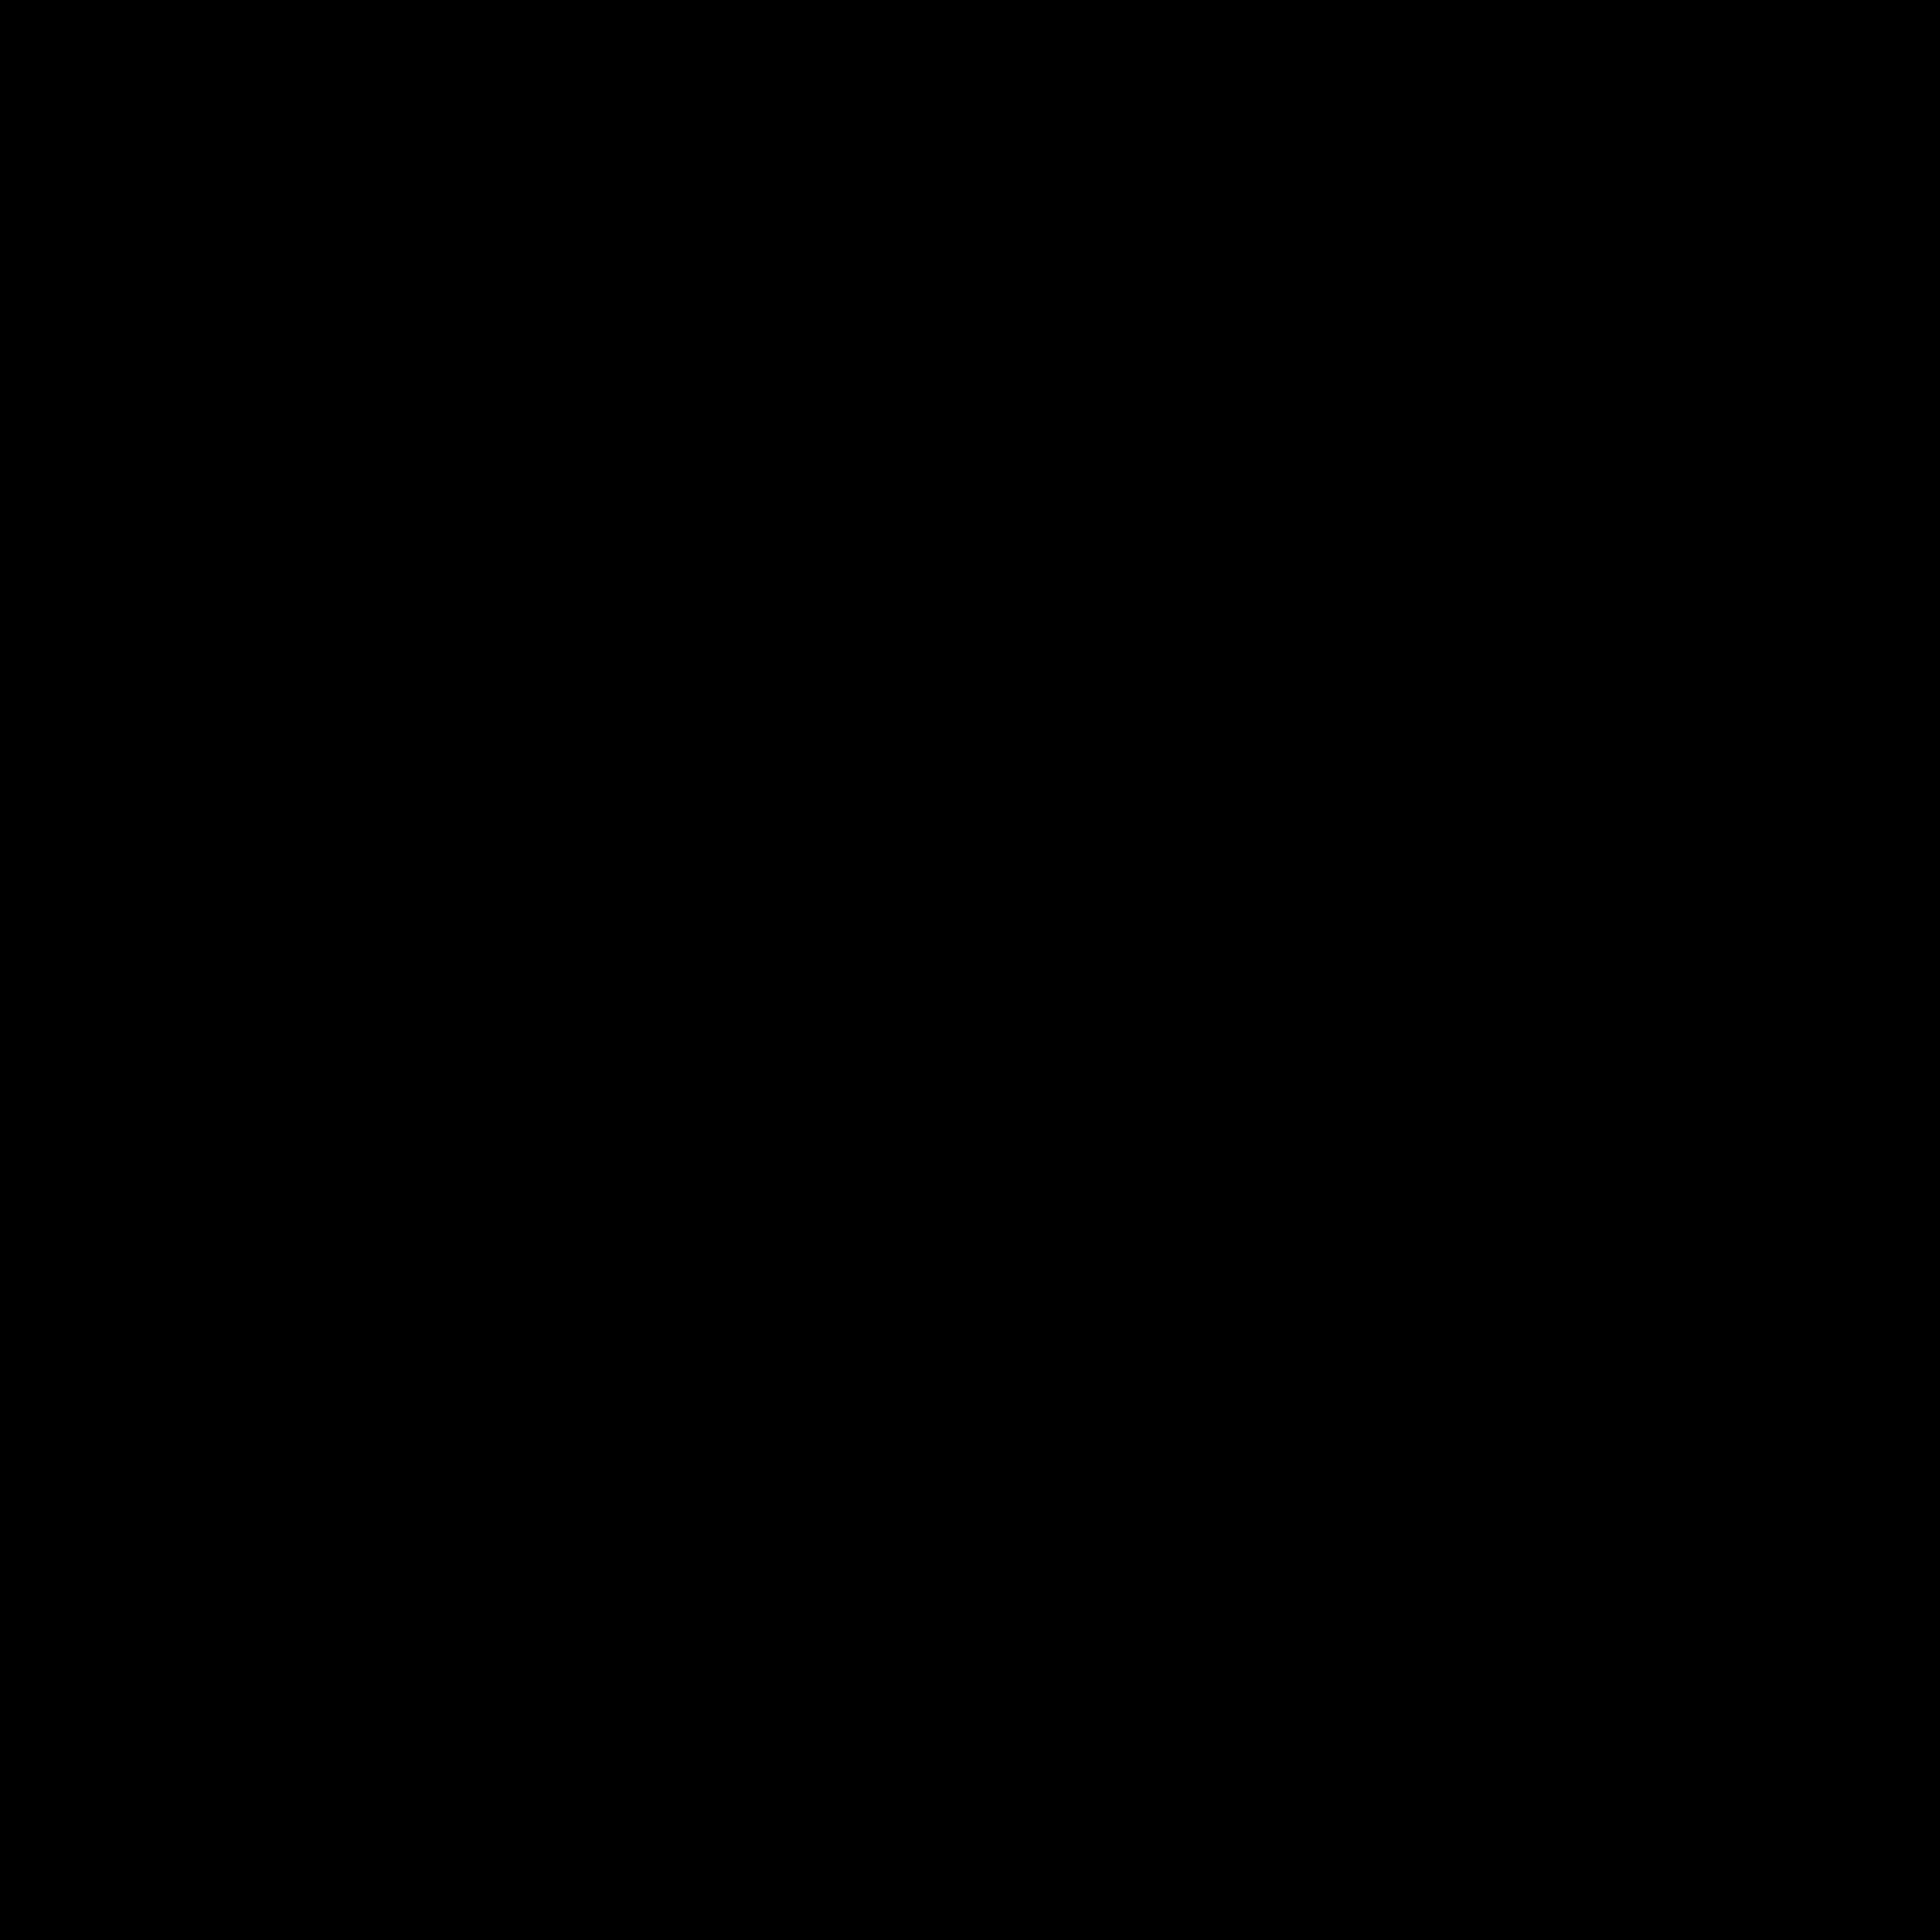 ontwerp-logo-black.png